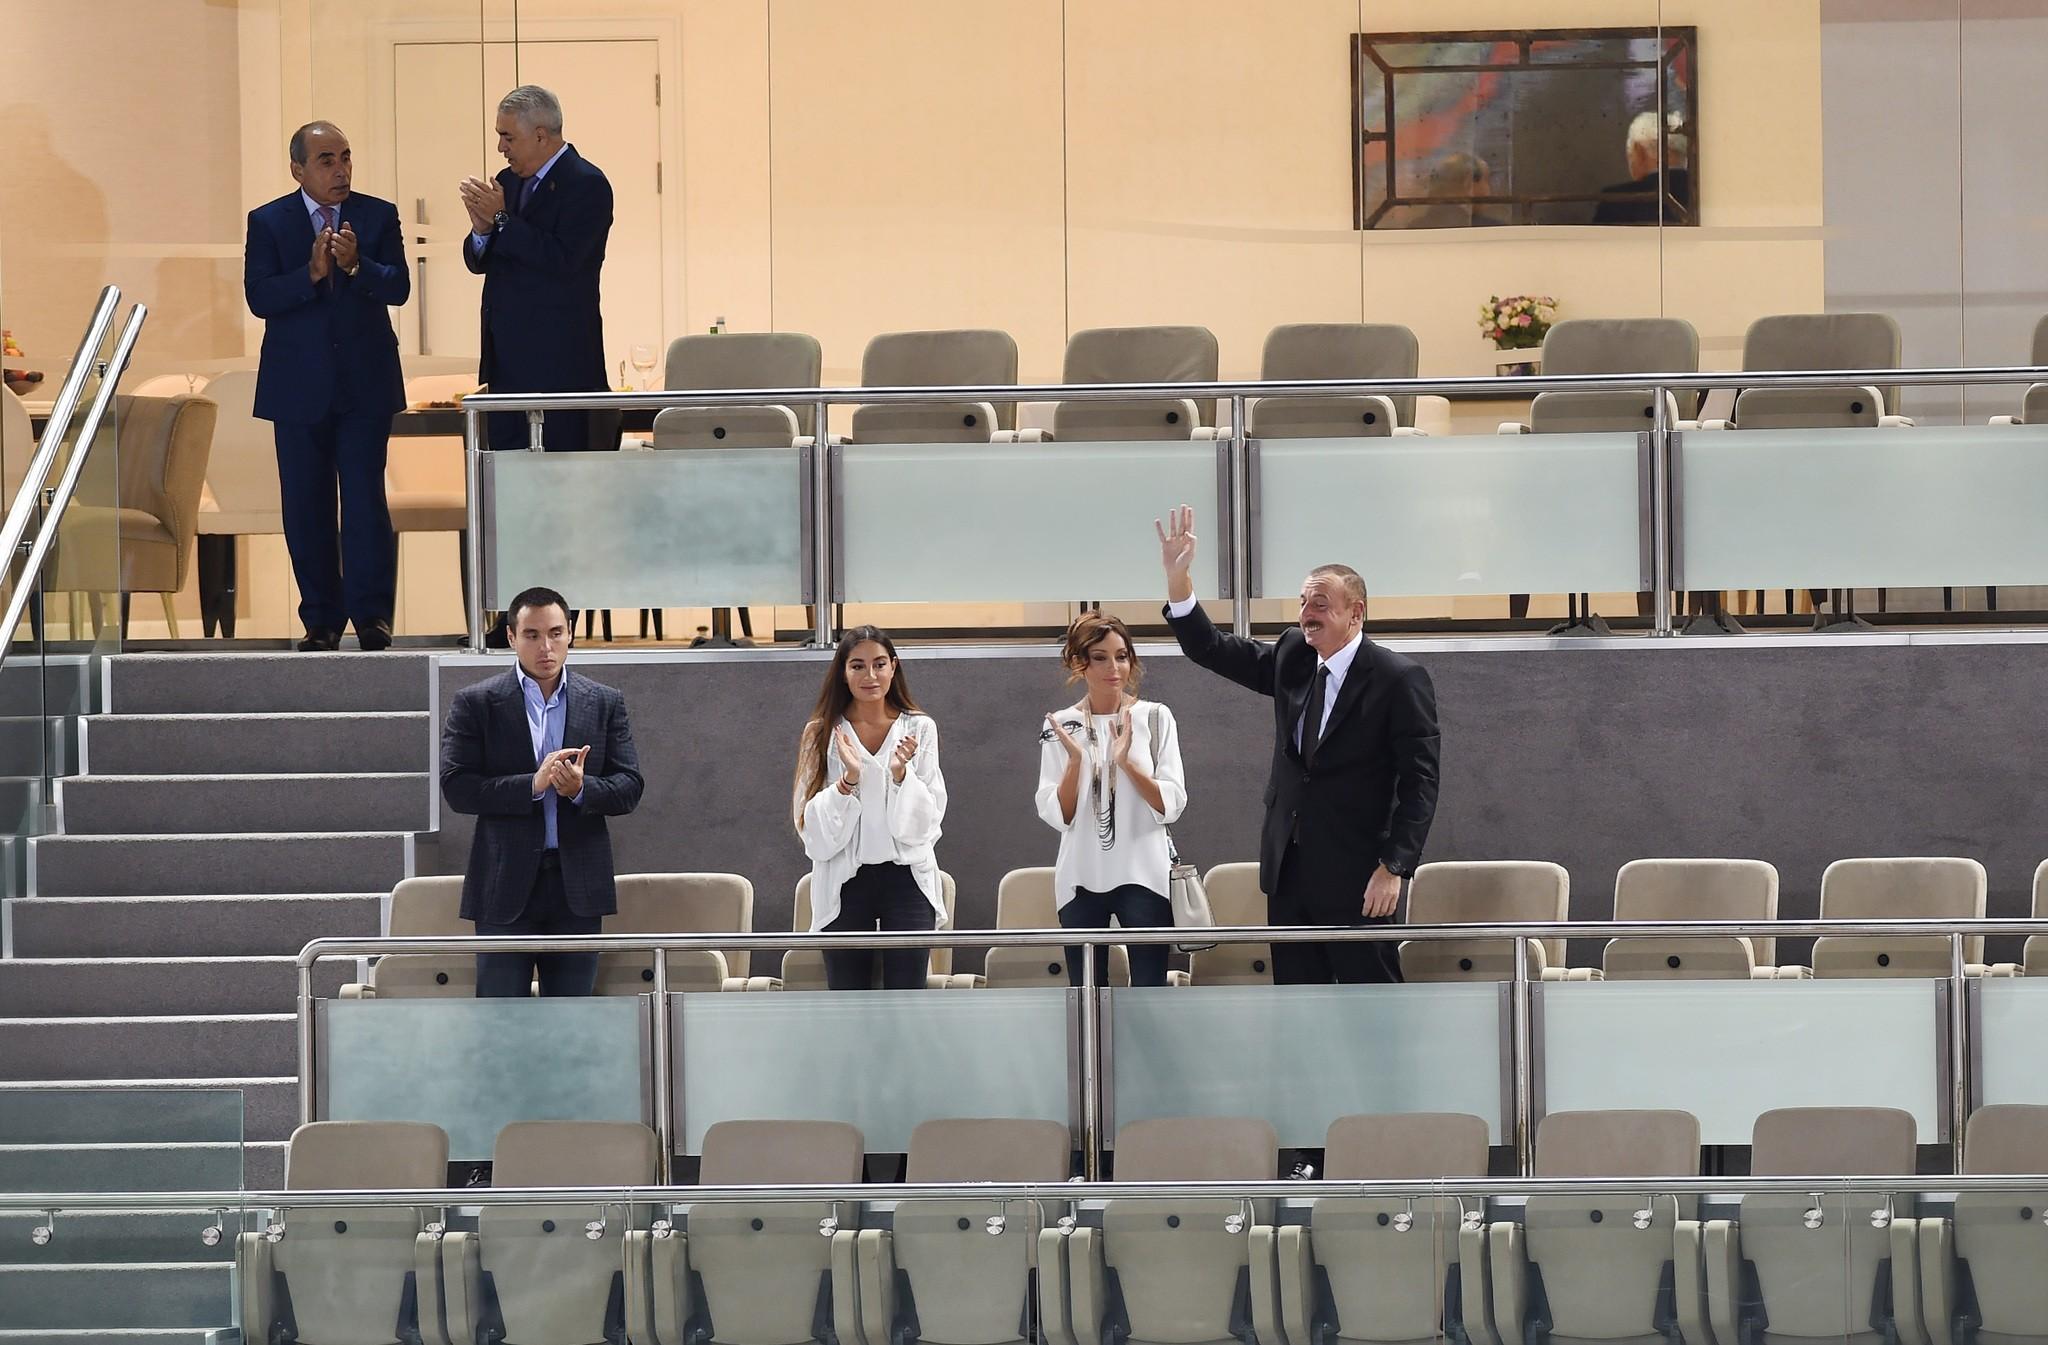 Prezident İlham Əliyev və Mehriban Əliyeva millimizə dəstək verdi - Foto